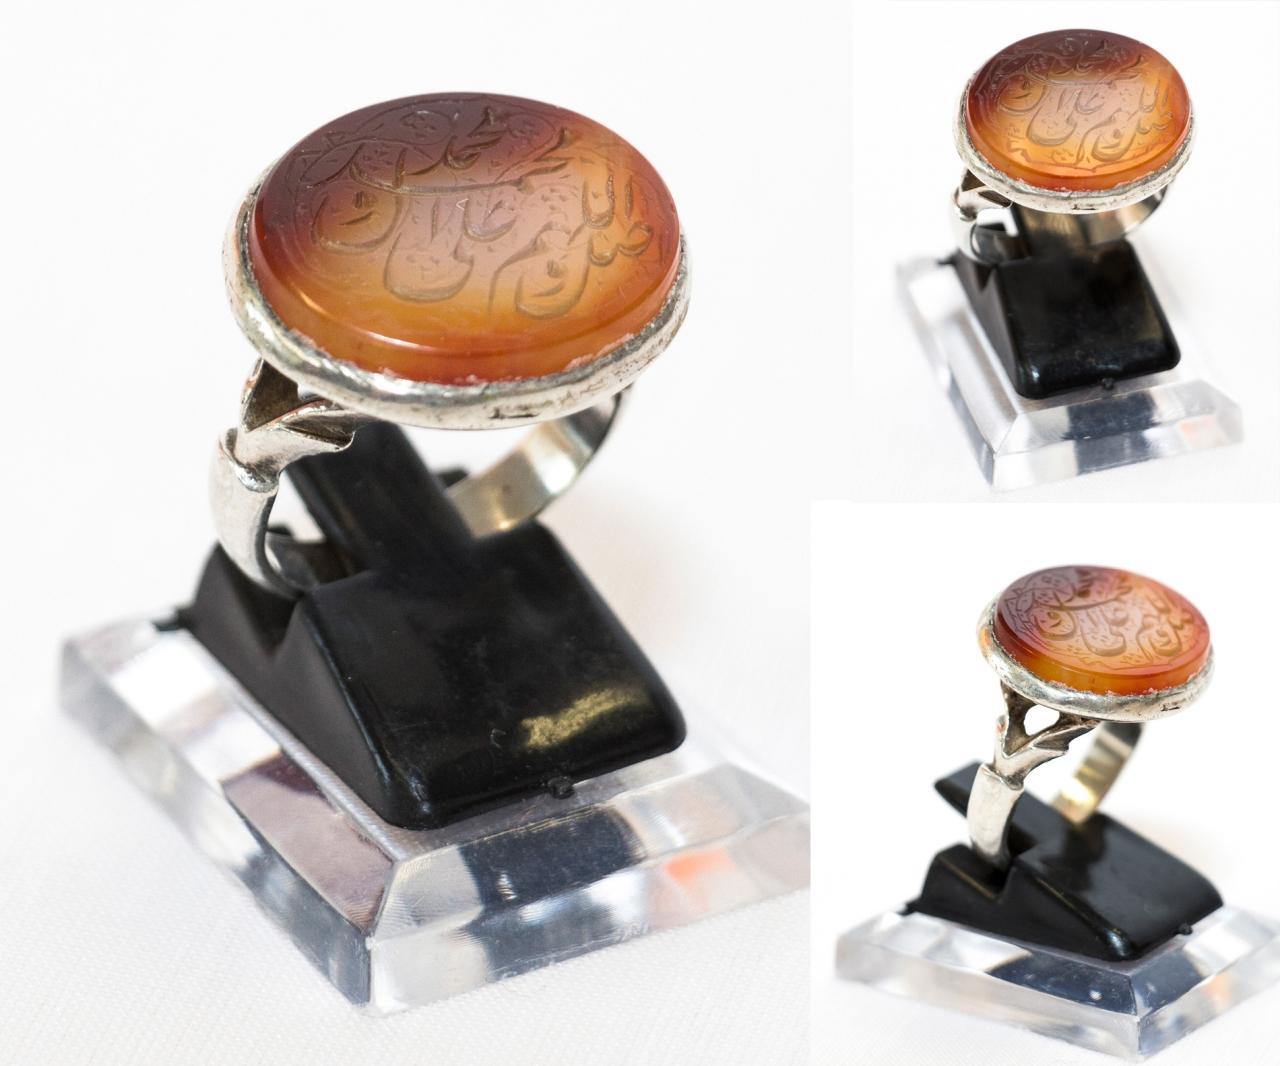 Aqiq Yamani Silberring oval graviert mit der Salawat auf Arabisch